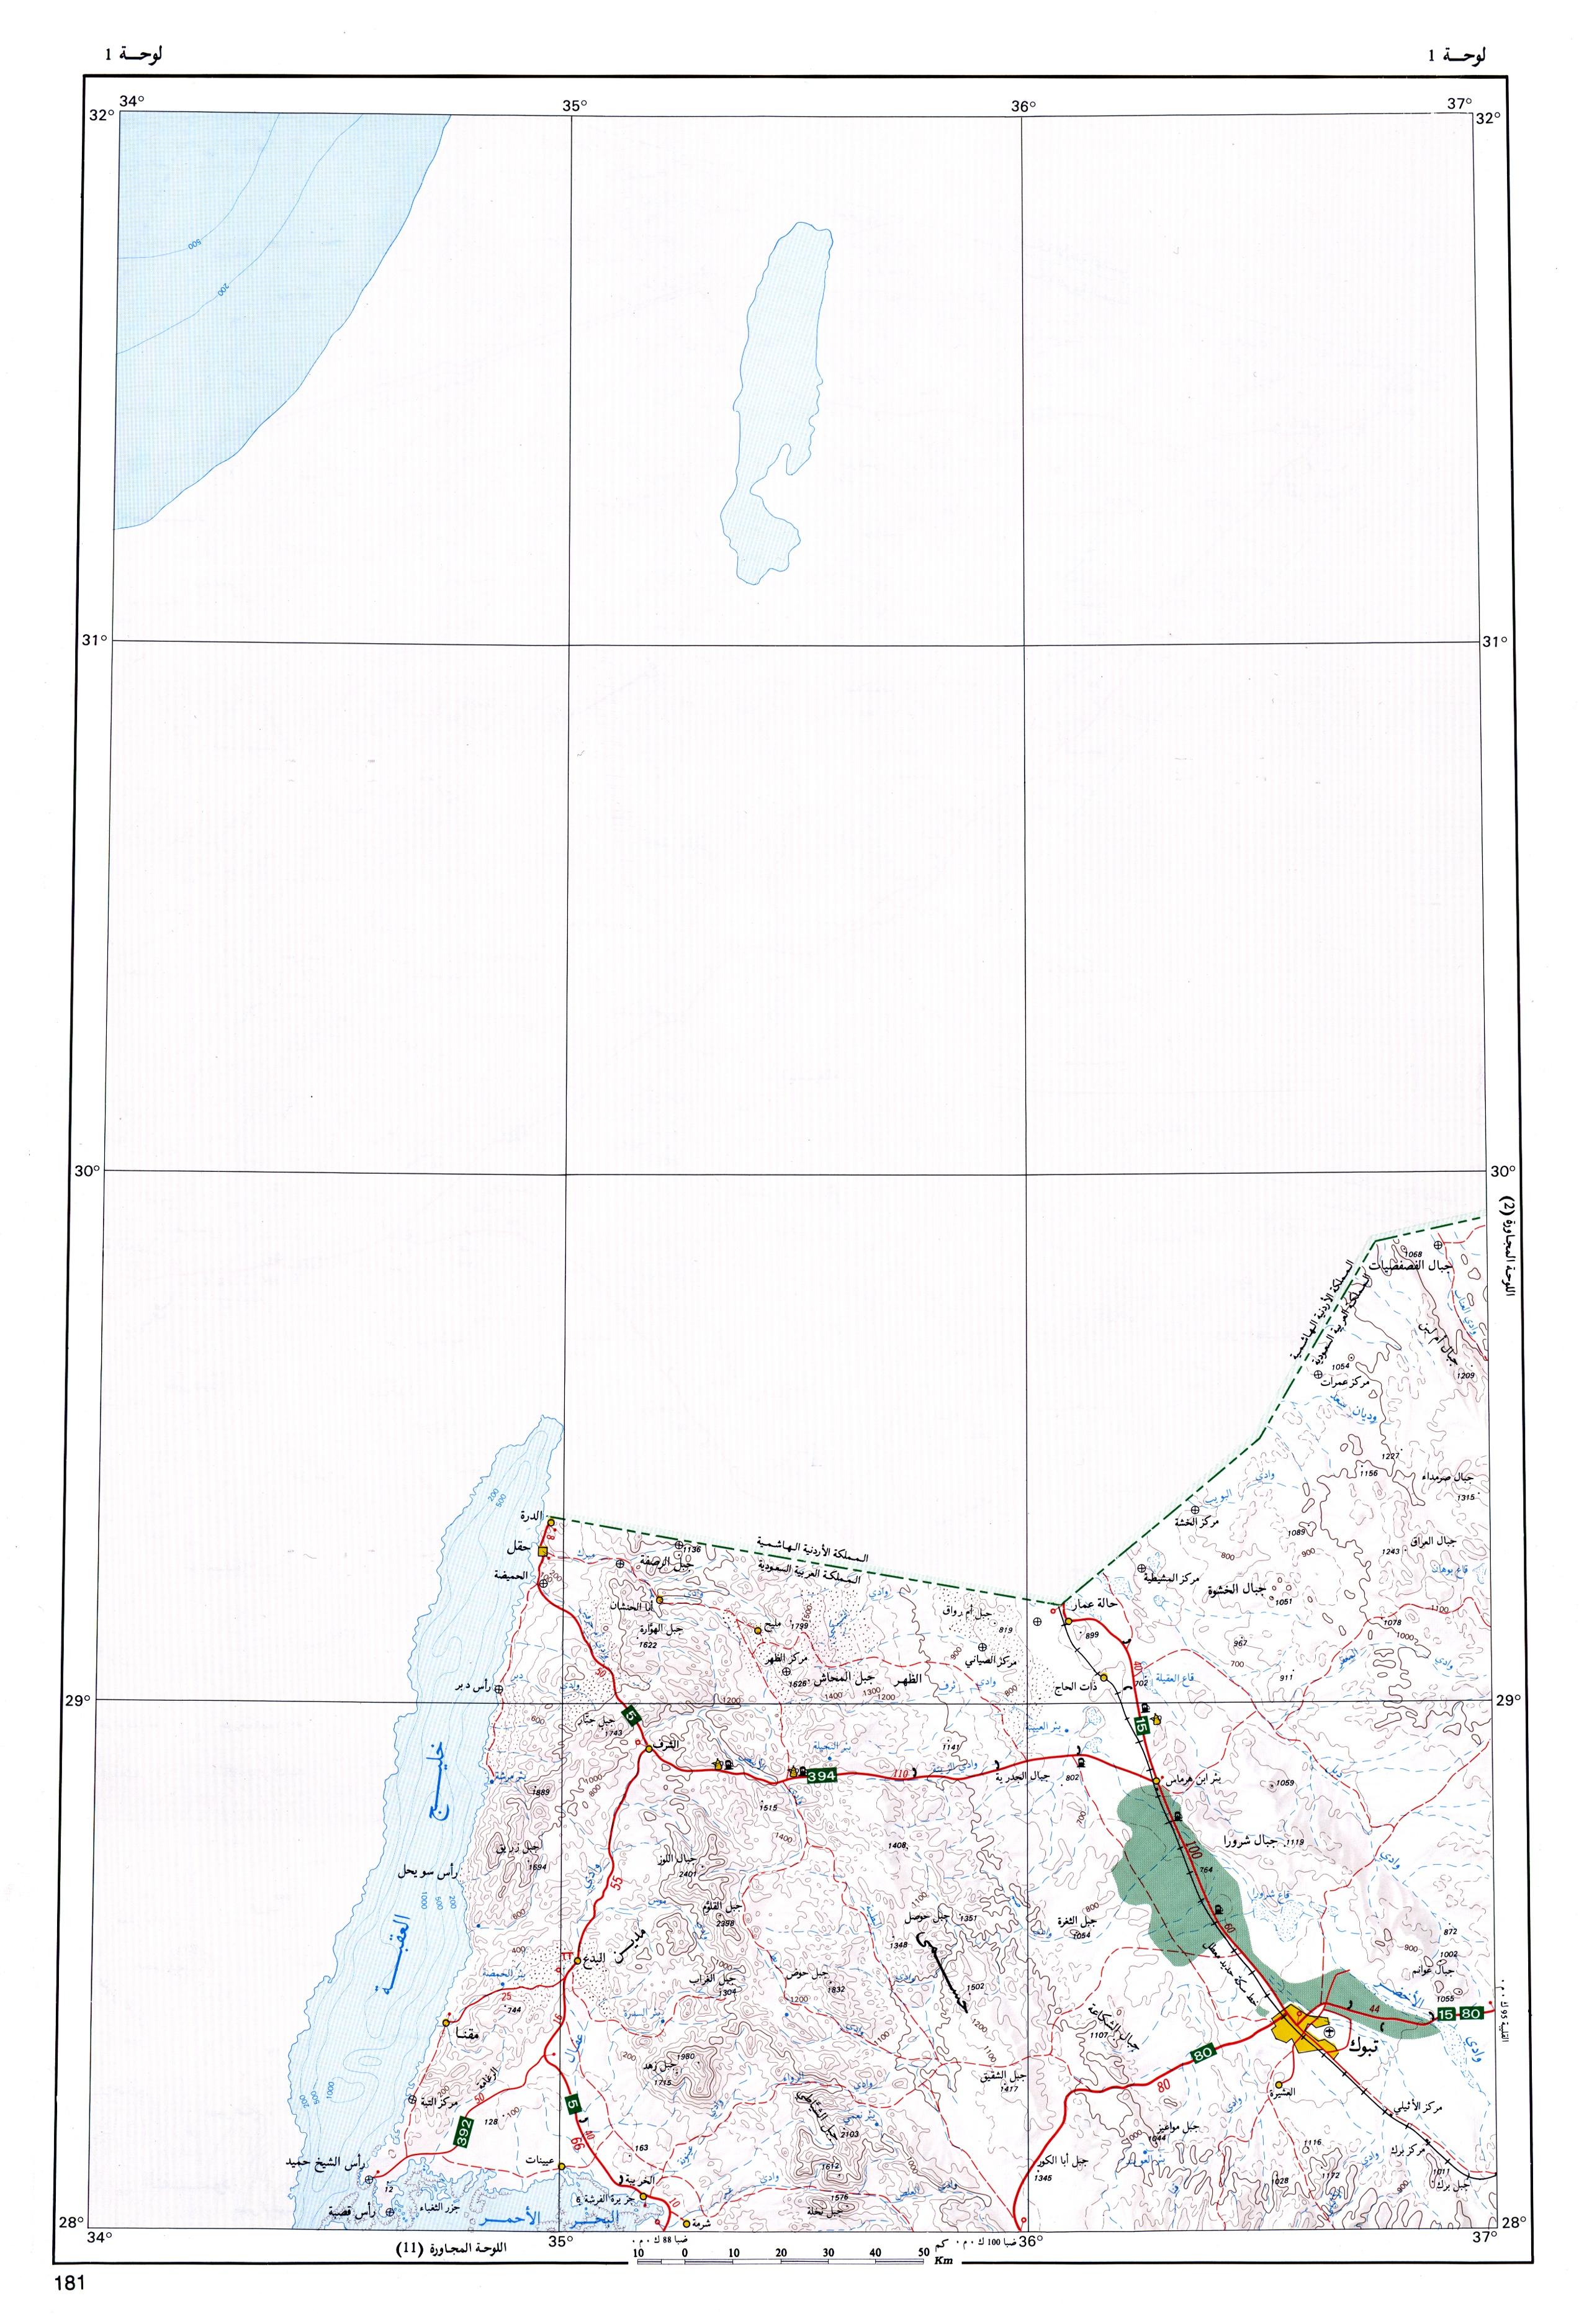 خرائط تفصيليه لمناطق اللمملكة العربية Fig-01.jpg